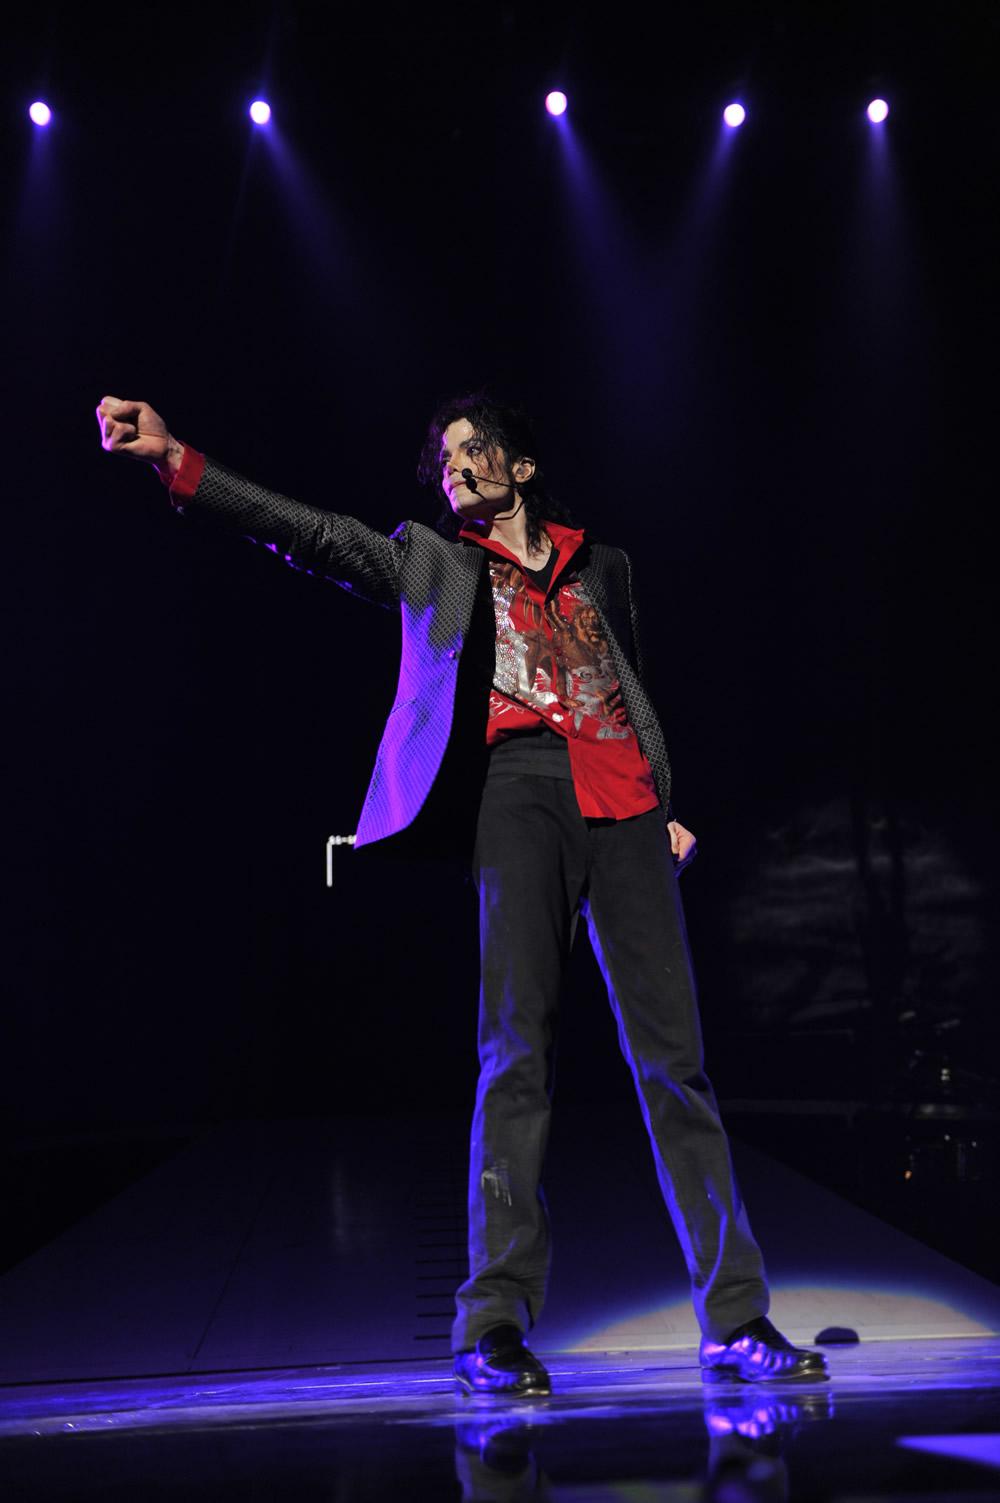 Genius Michael Jackson